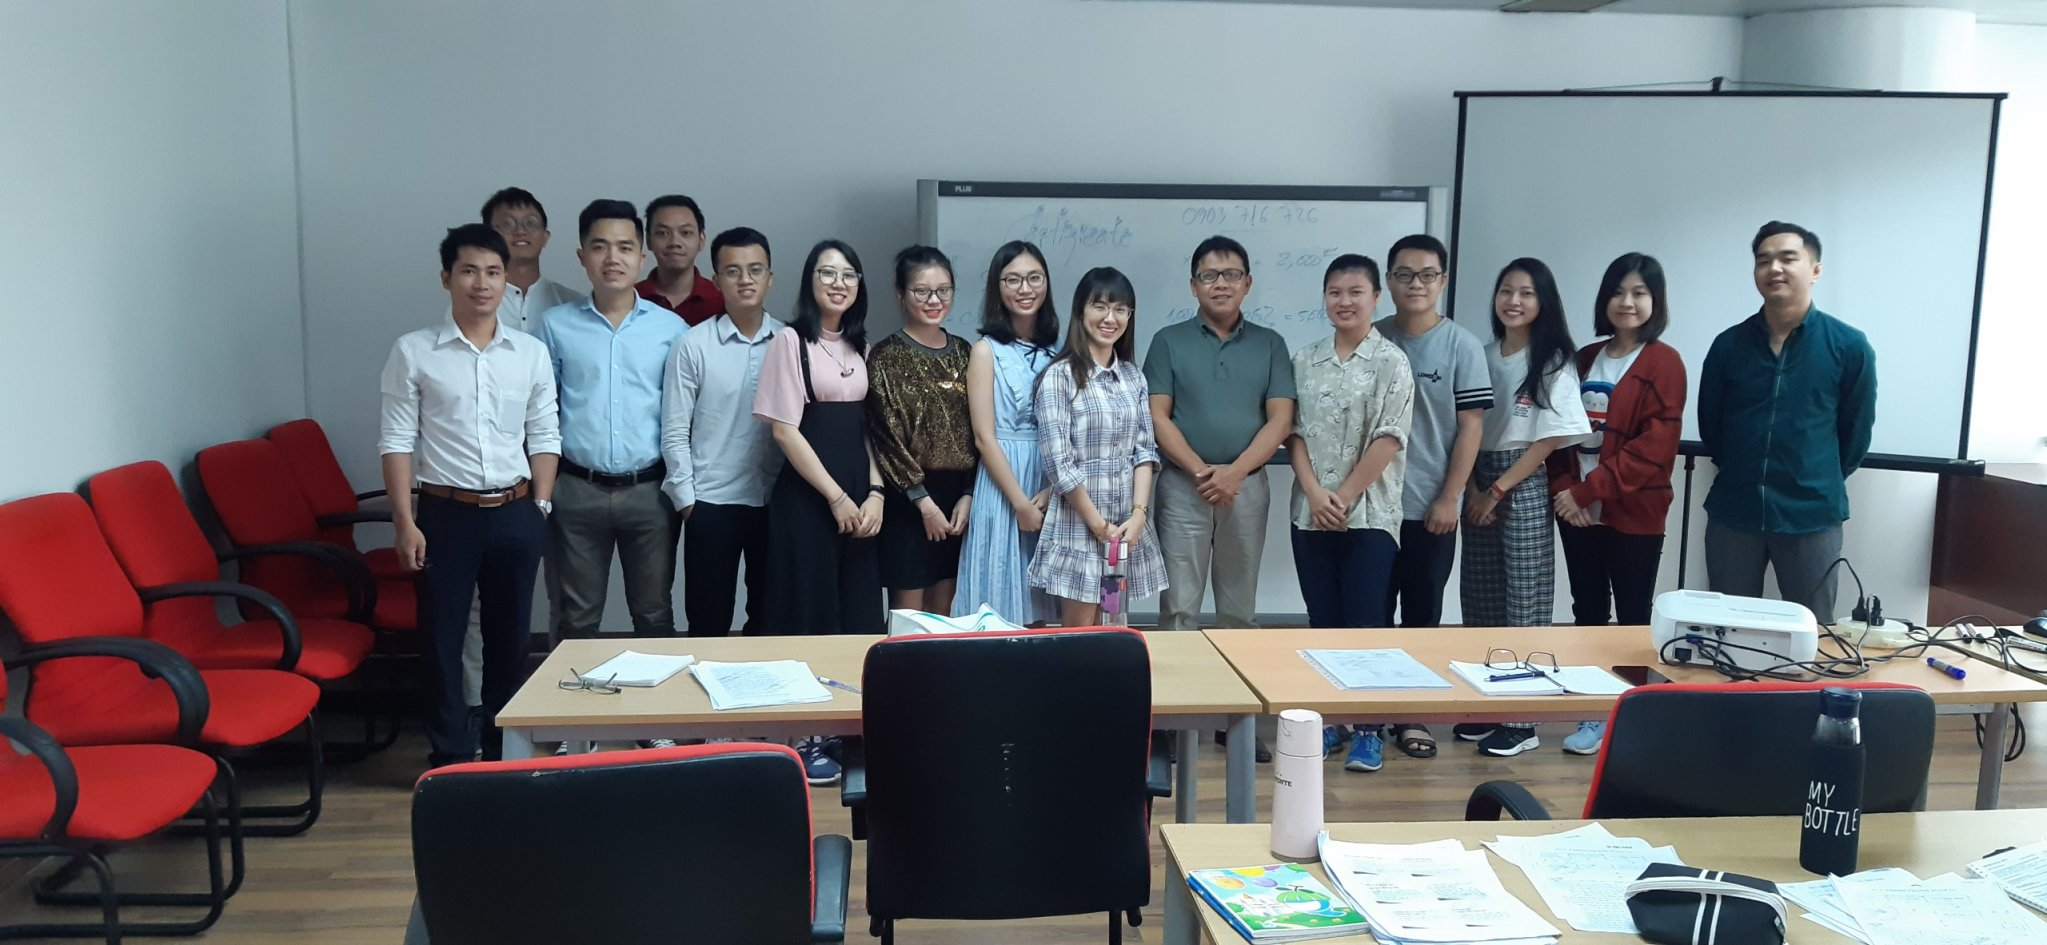 Lớp học hướng dẫn tra hs code tại doanh nghiệp tại VinaTrain